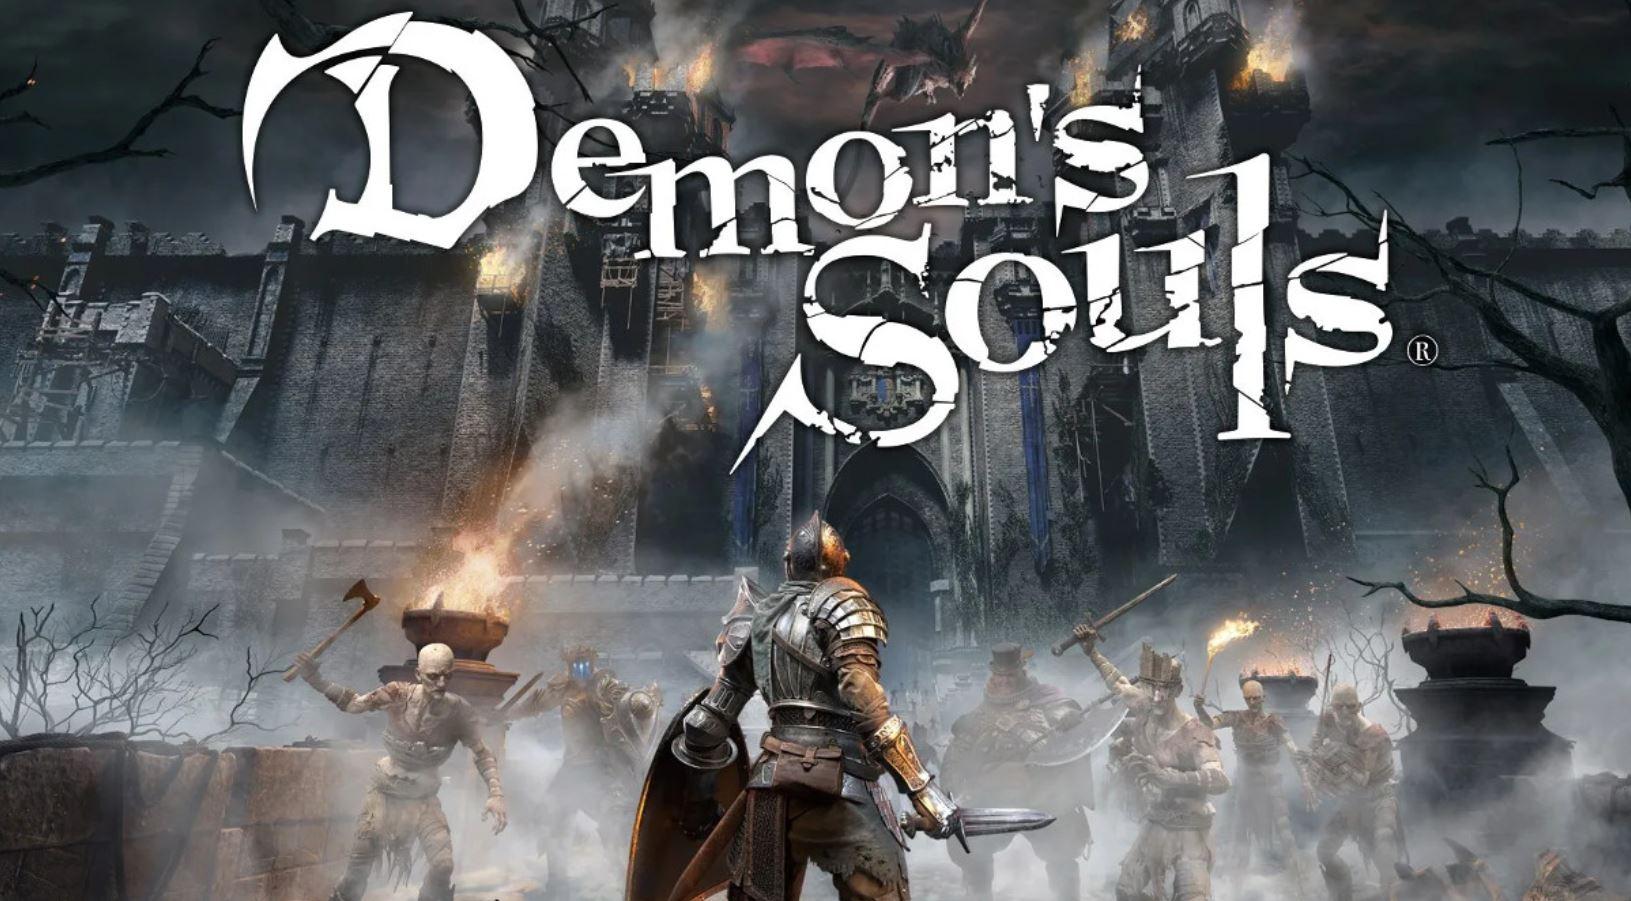 NoticiasVideojuegos      Revelan el porque Demon's Souls no fue nominado a los Game Awards                   Por Loobasoth-        19 noviembre 2020